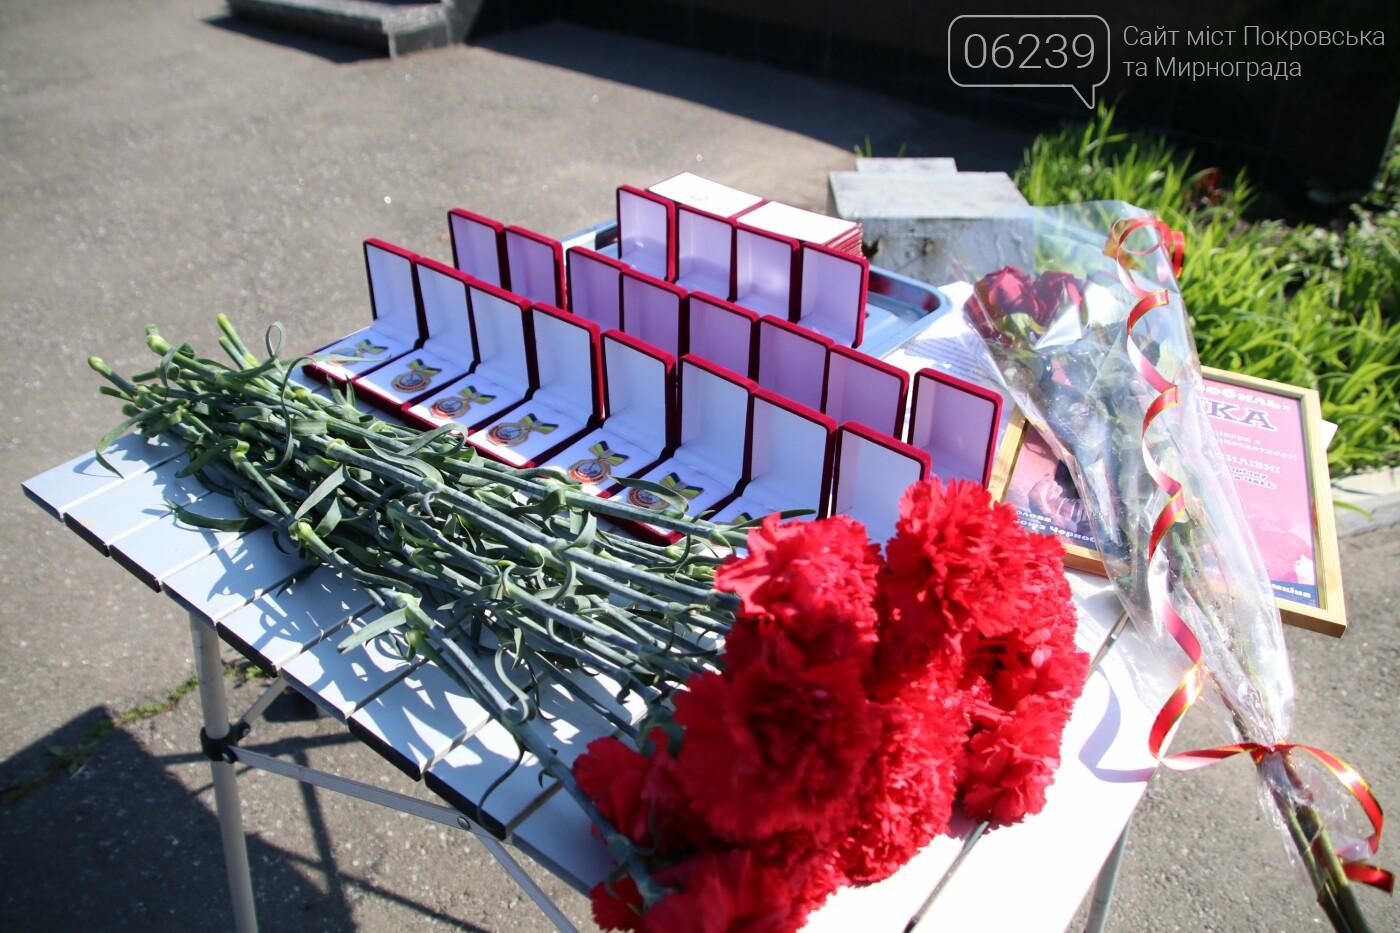 35-я годовщина трагедии: в Мирнограде почтили память ликвидаторов аварии на ЧАЭС, фото-1